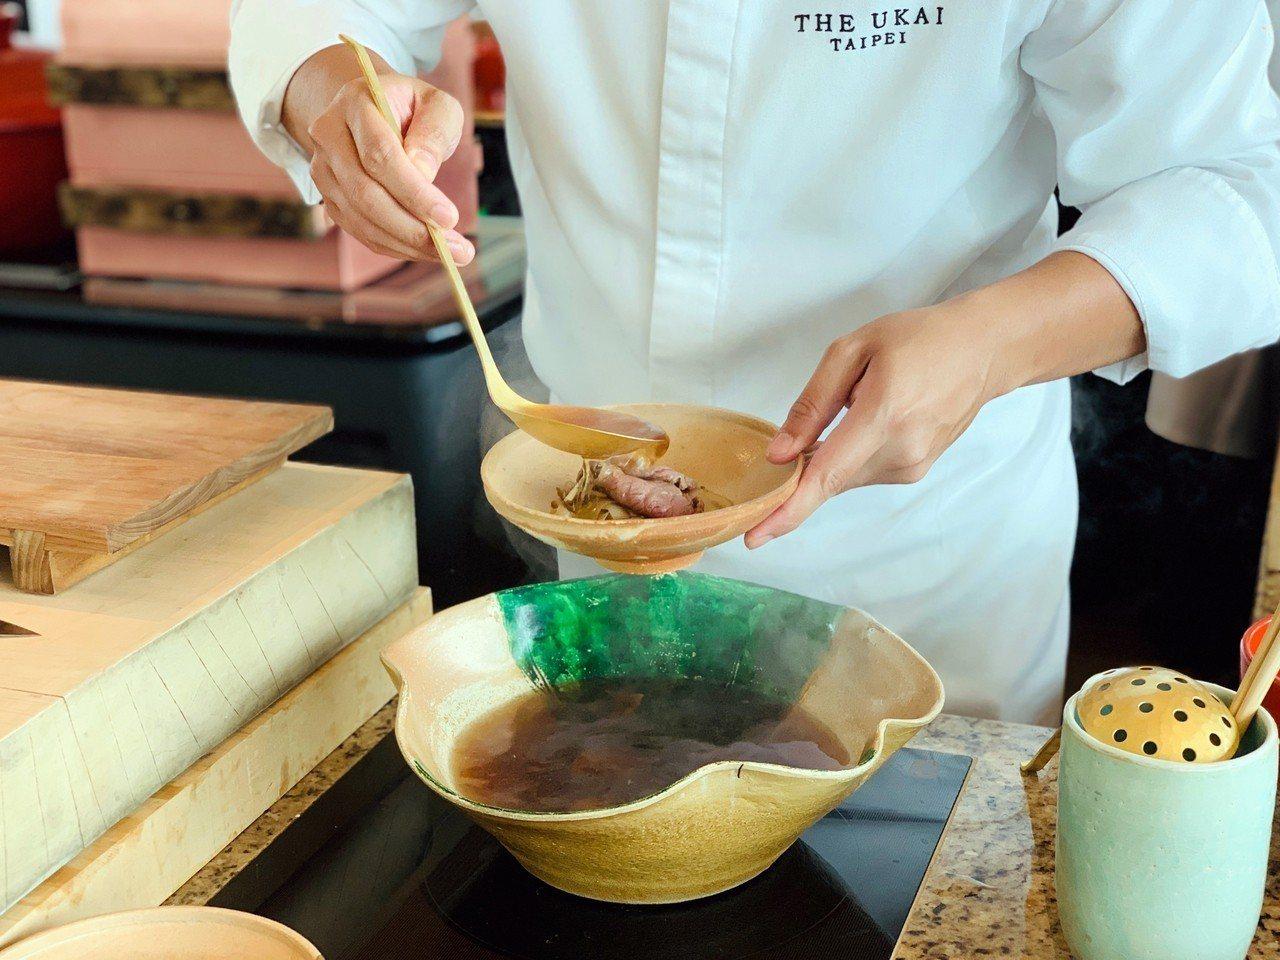 「日本和牛鍋物」將厚切田村牧場和牛肉片輕涮,再結合牛蒡薄片。記者張芳瑜/攝影